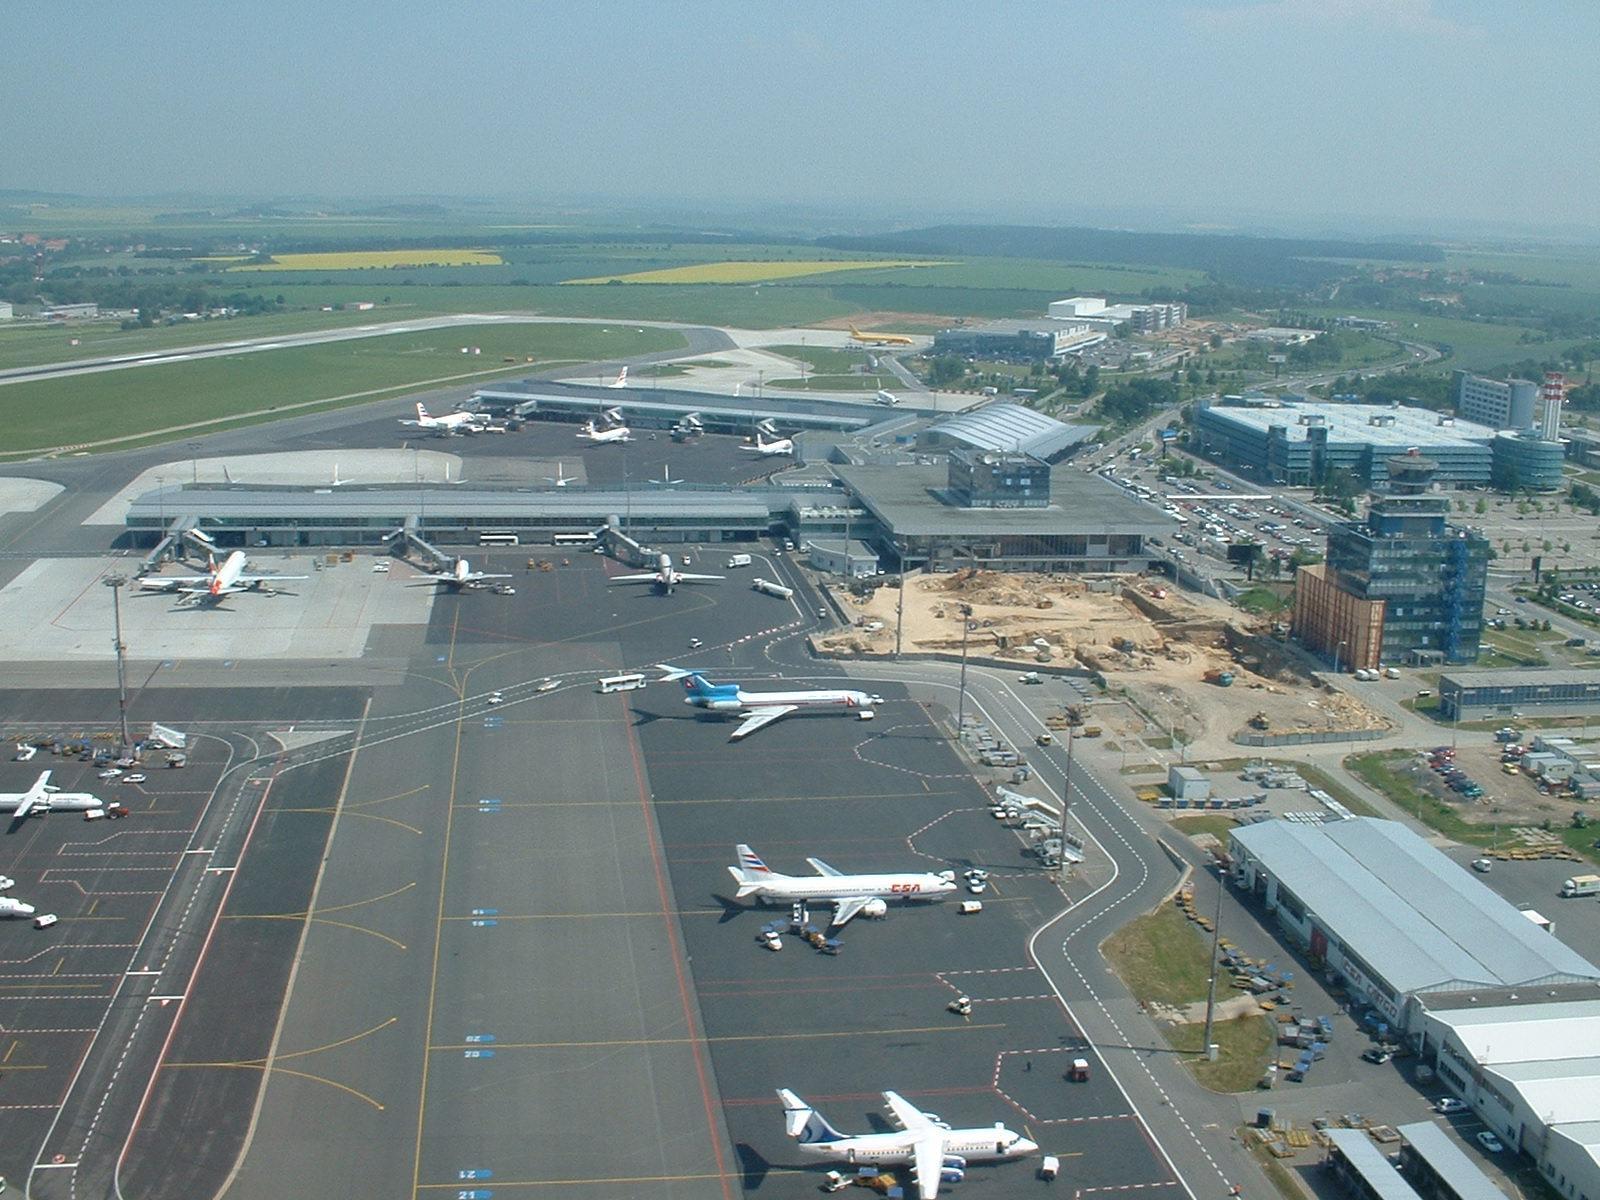 프라하 바츨라프 하벨 국제공항